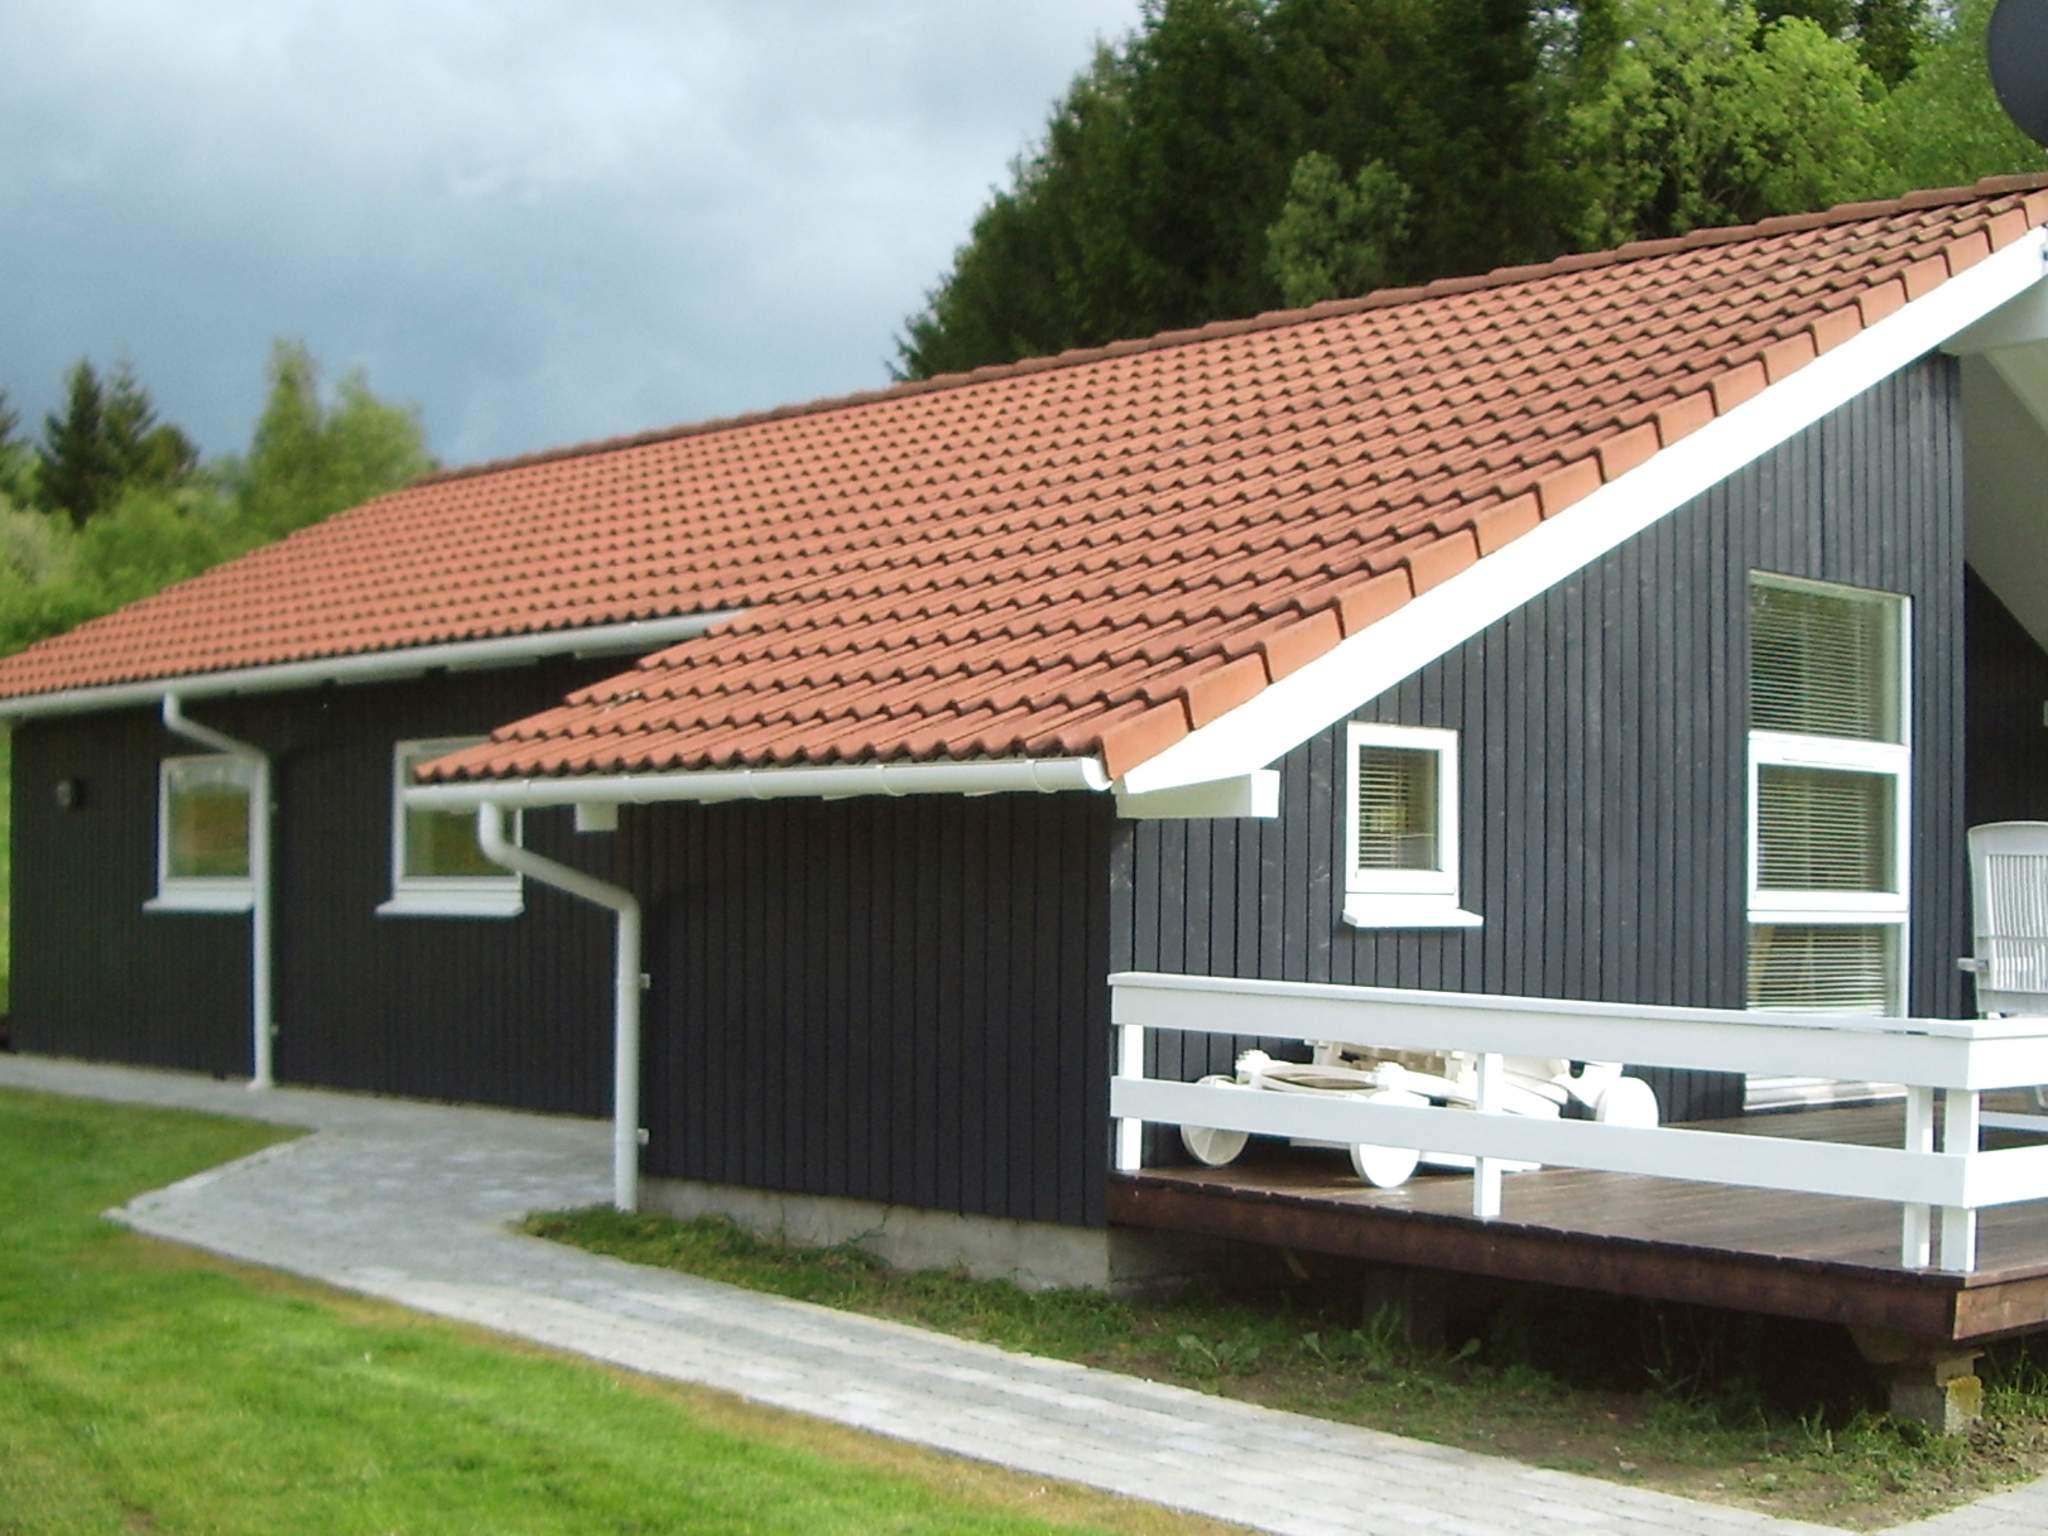 Ferienhaus Silkeborg (84068), Silkeborg, , Ostjütland, Dänemark, Bild 15